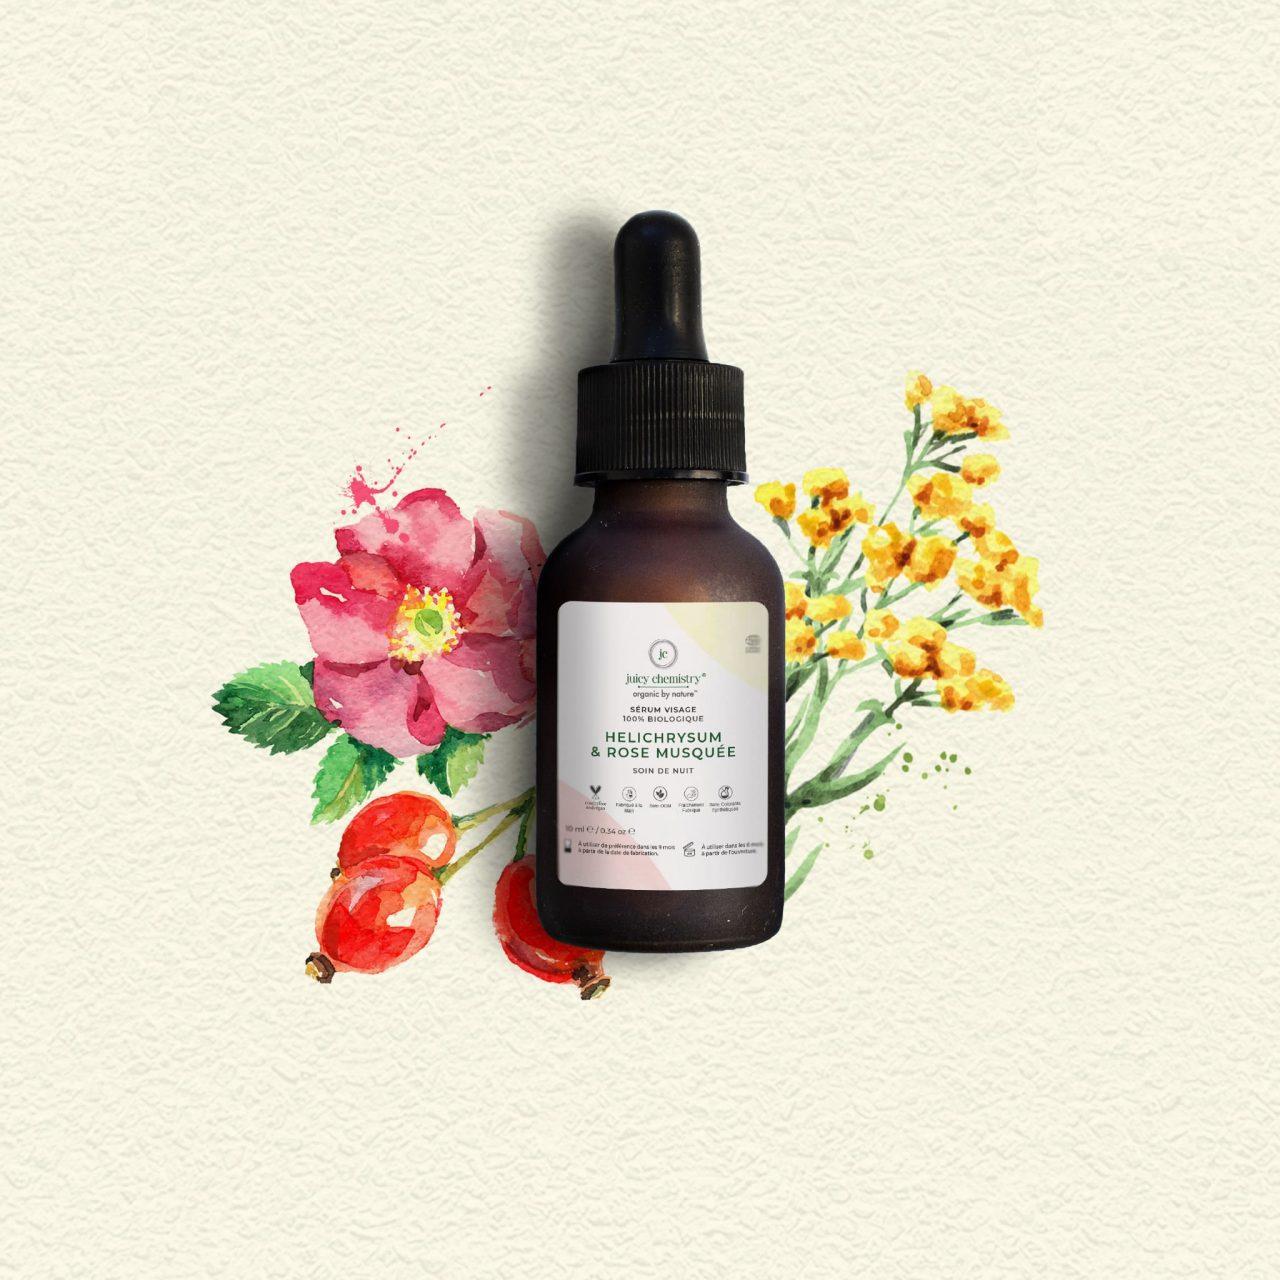 Soin Visage - Sérum Visage Helichrysum & Rose musquée